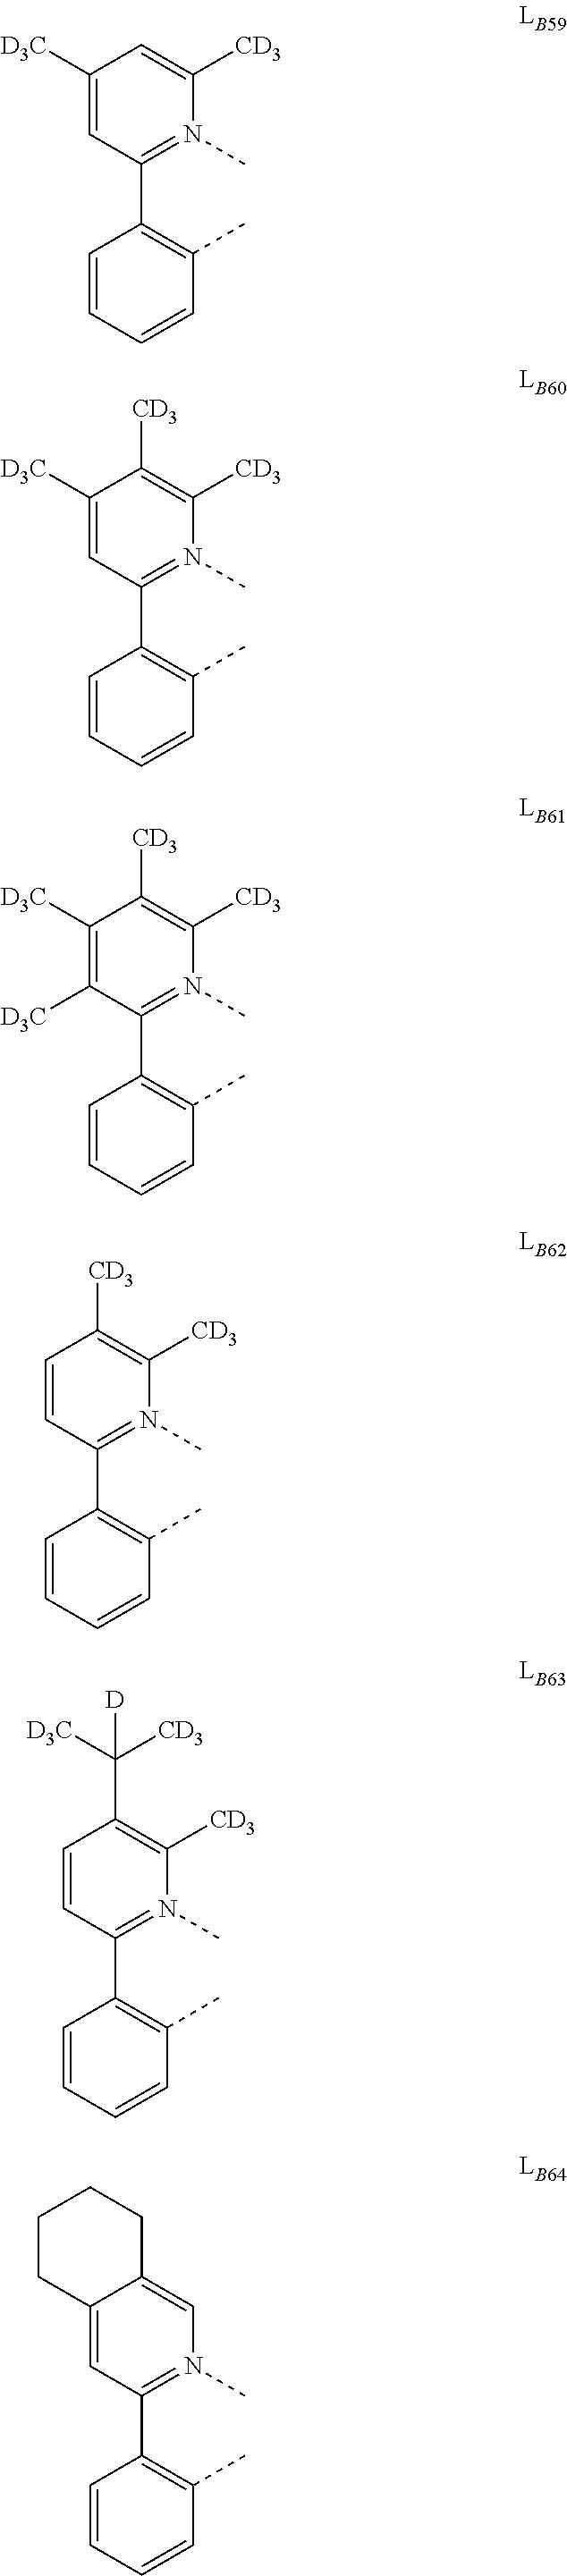 Figure US20180130962A1-20180510-C00077